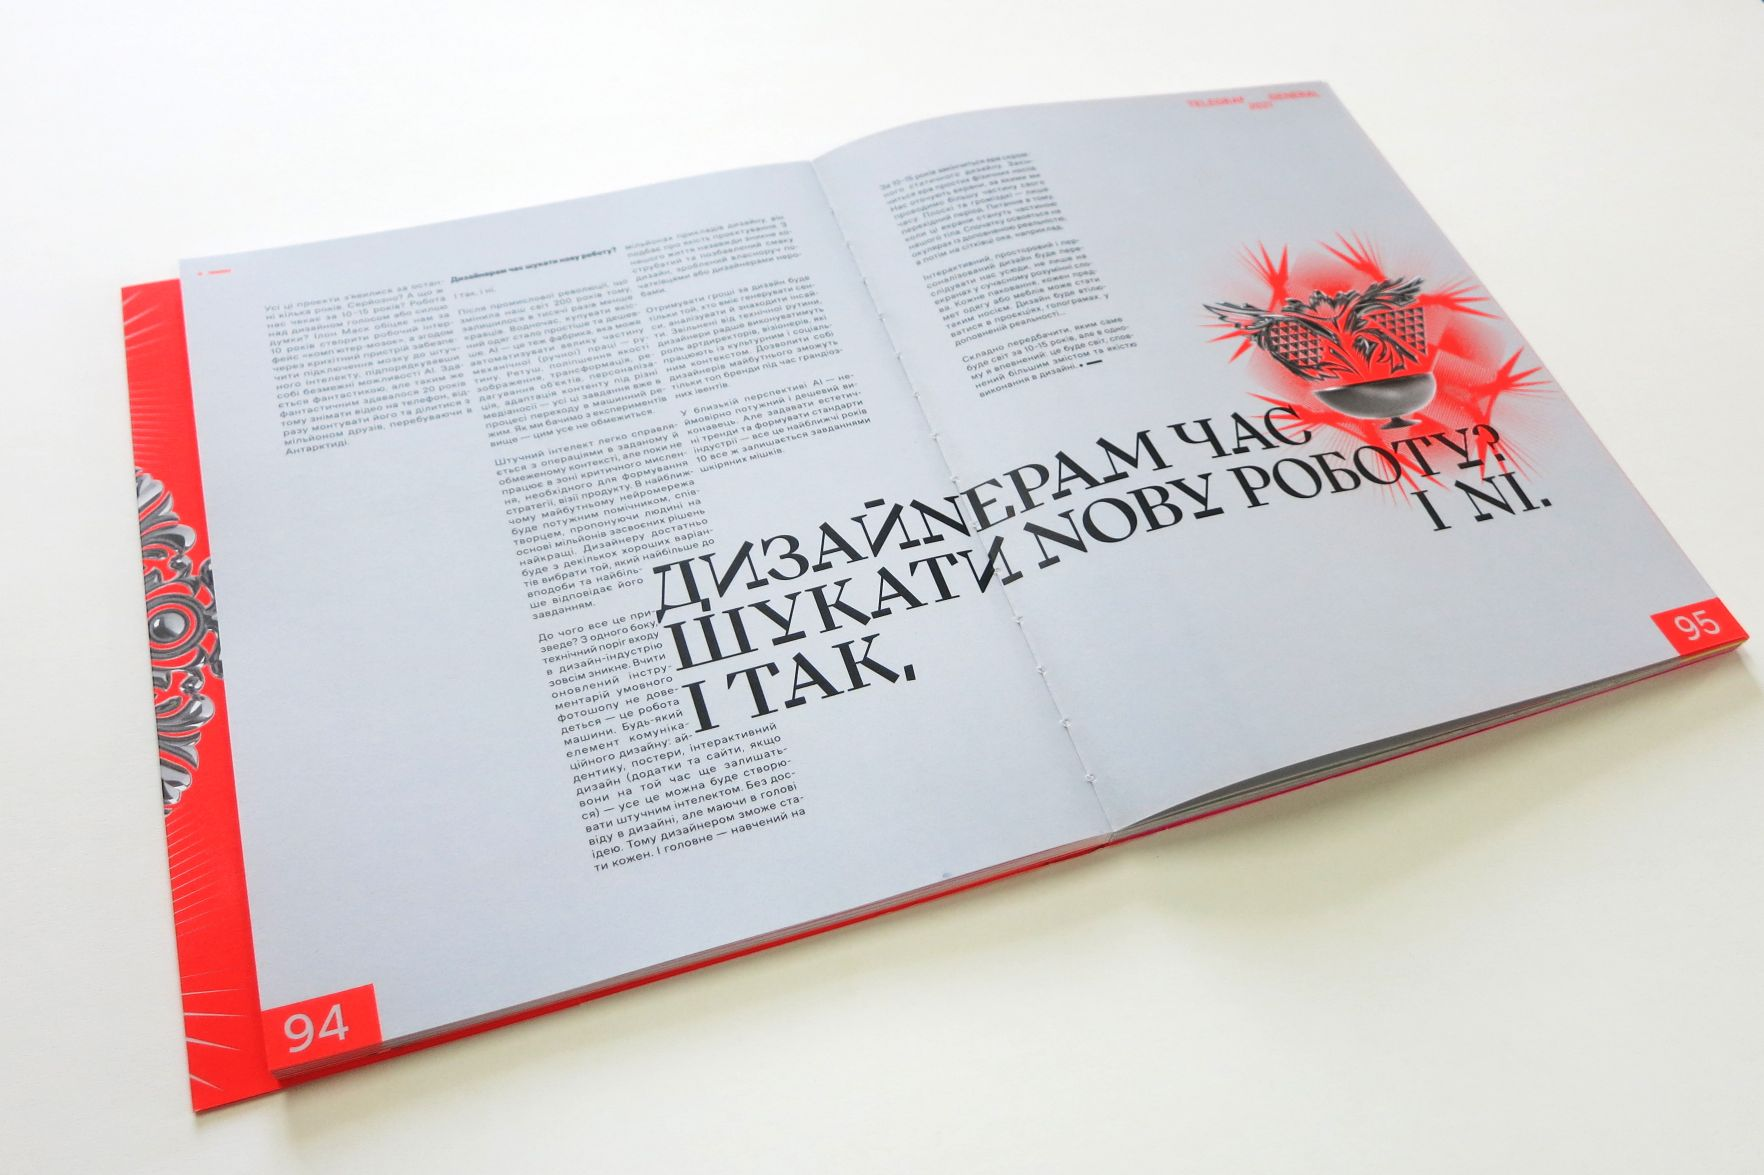 Наше портфолио: Журнал Telegraf.Design